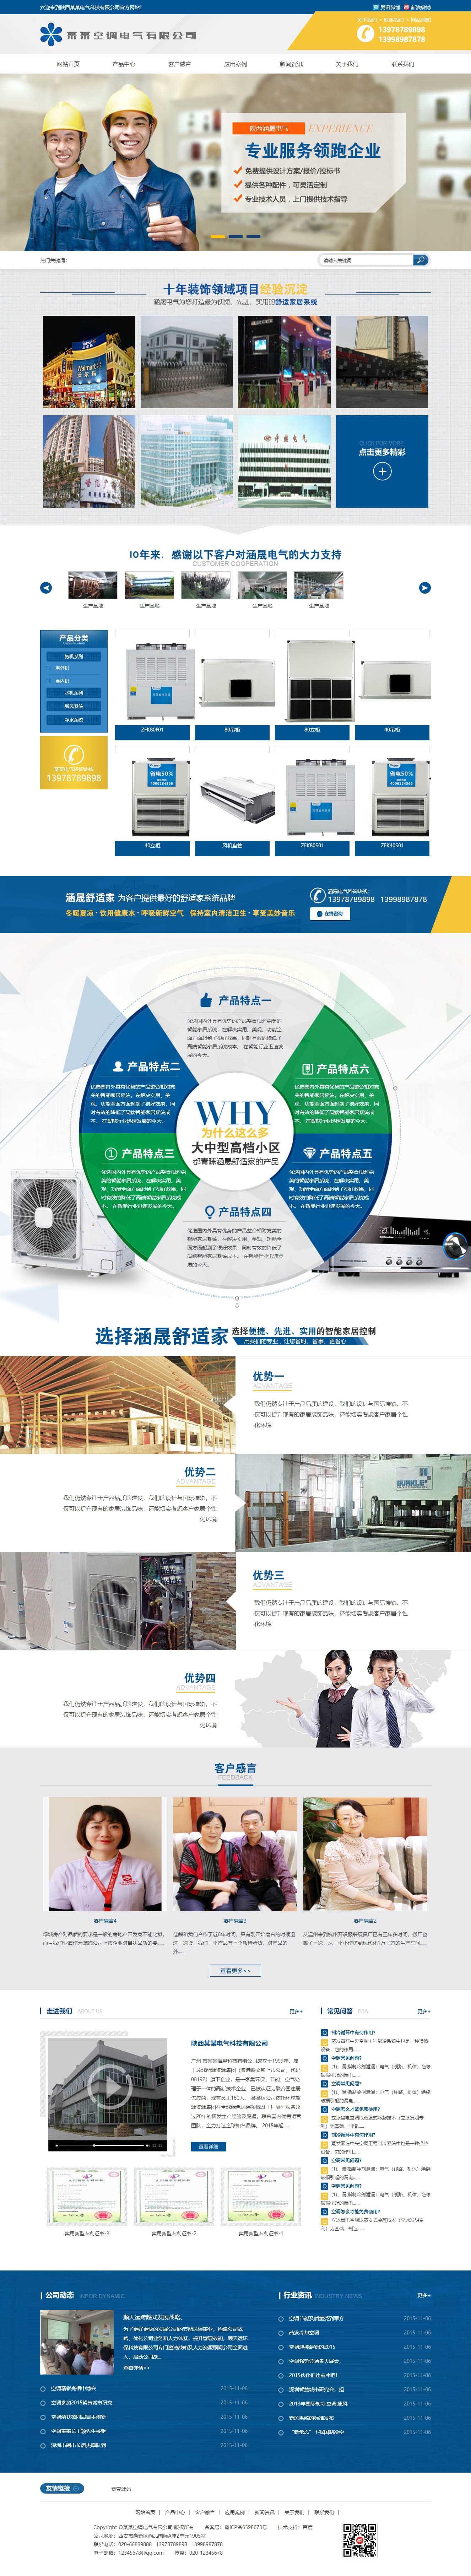 营销型空调电气科技类企业网站织梦dedecms模板(带手机端)